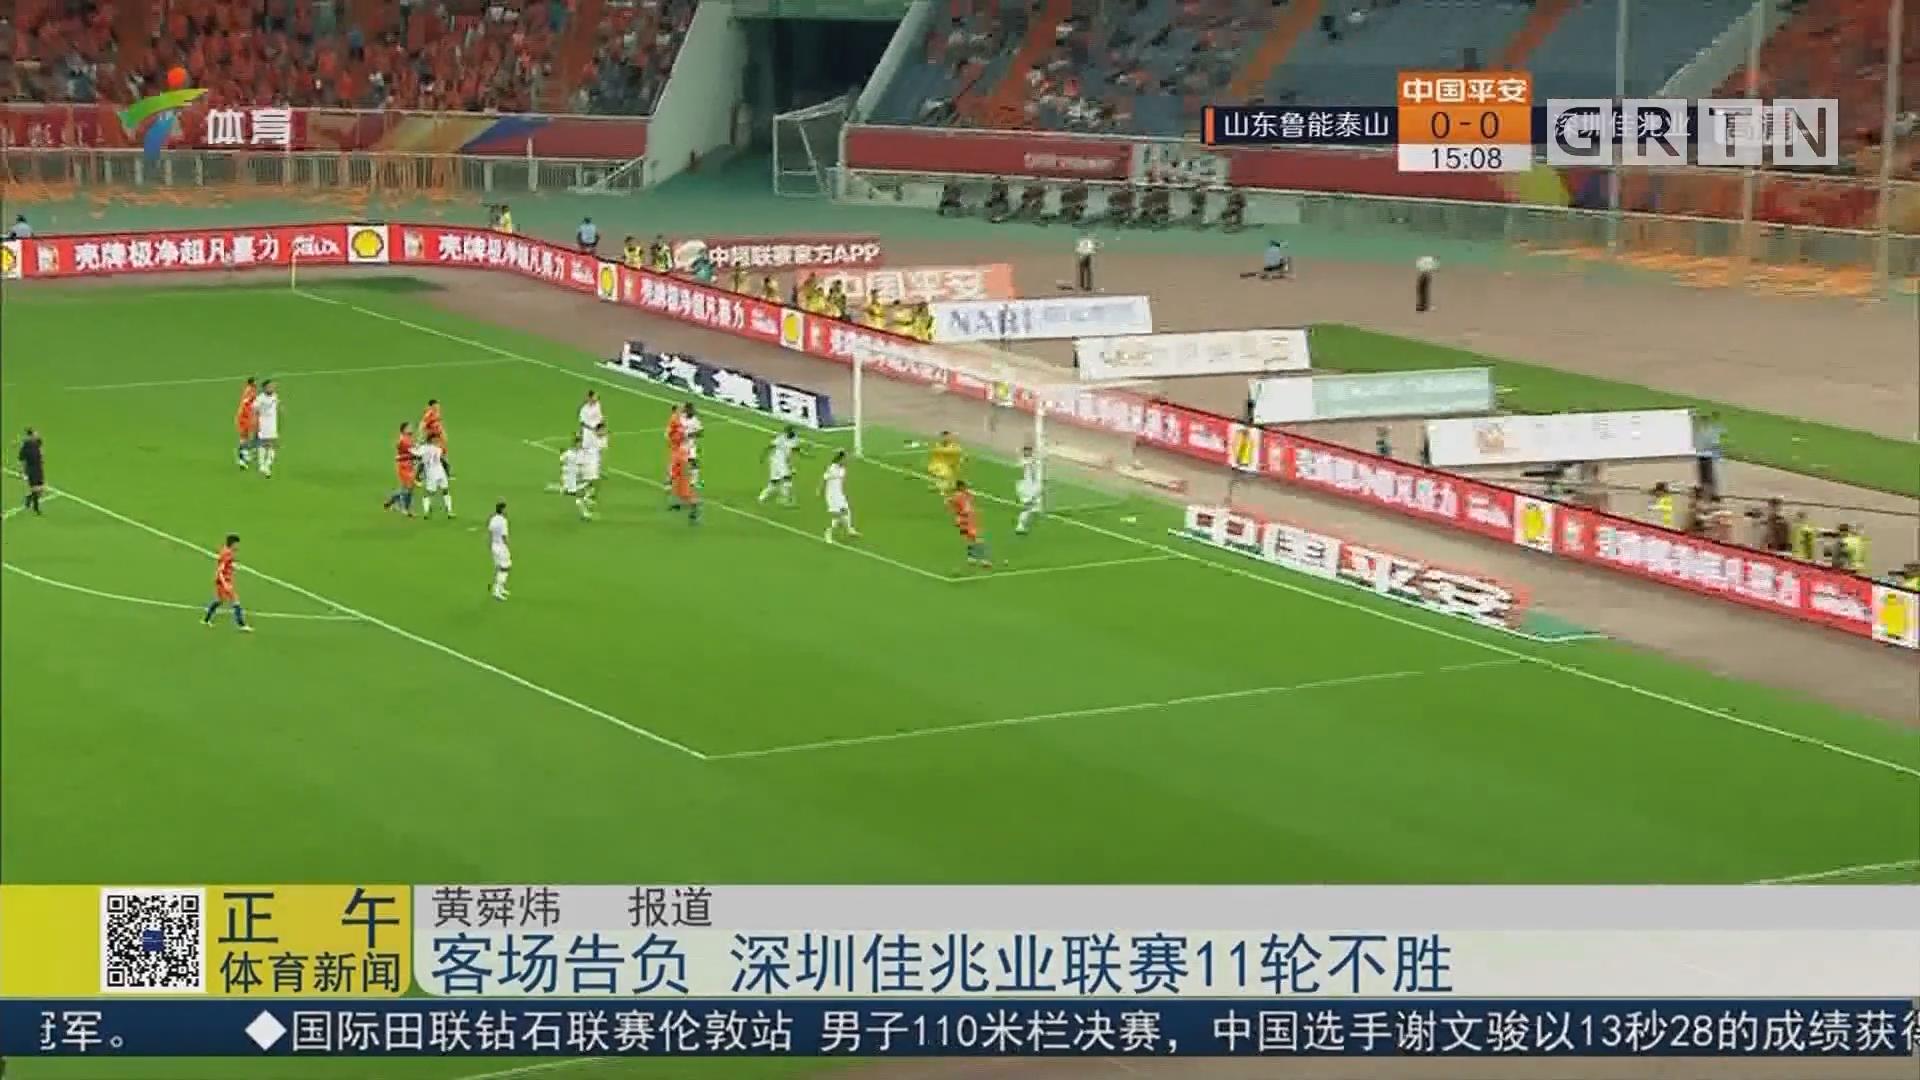 客场告负 深圳佳兆业联赛11轮不胜